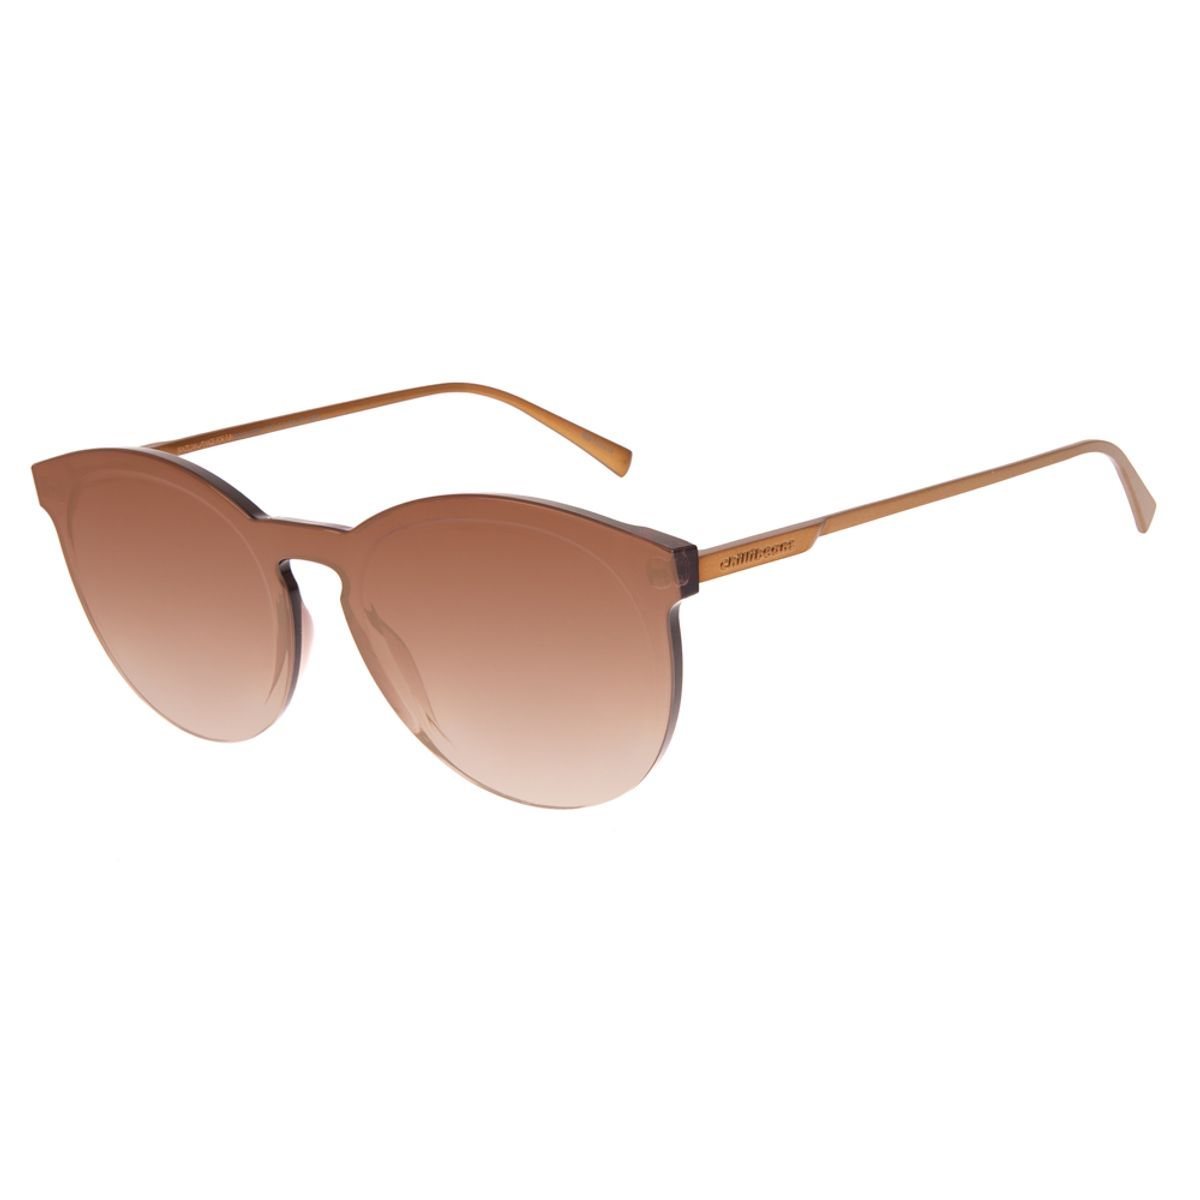 9ec44c40c Óculos De Sol Chilli Beans Feminino Block Redondo Laranja 2660 ...